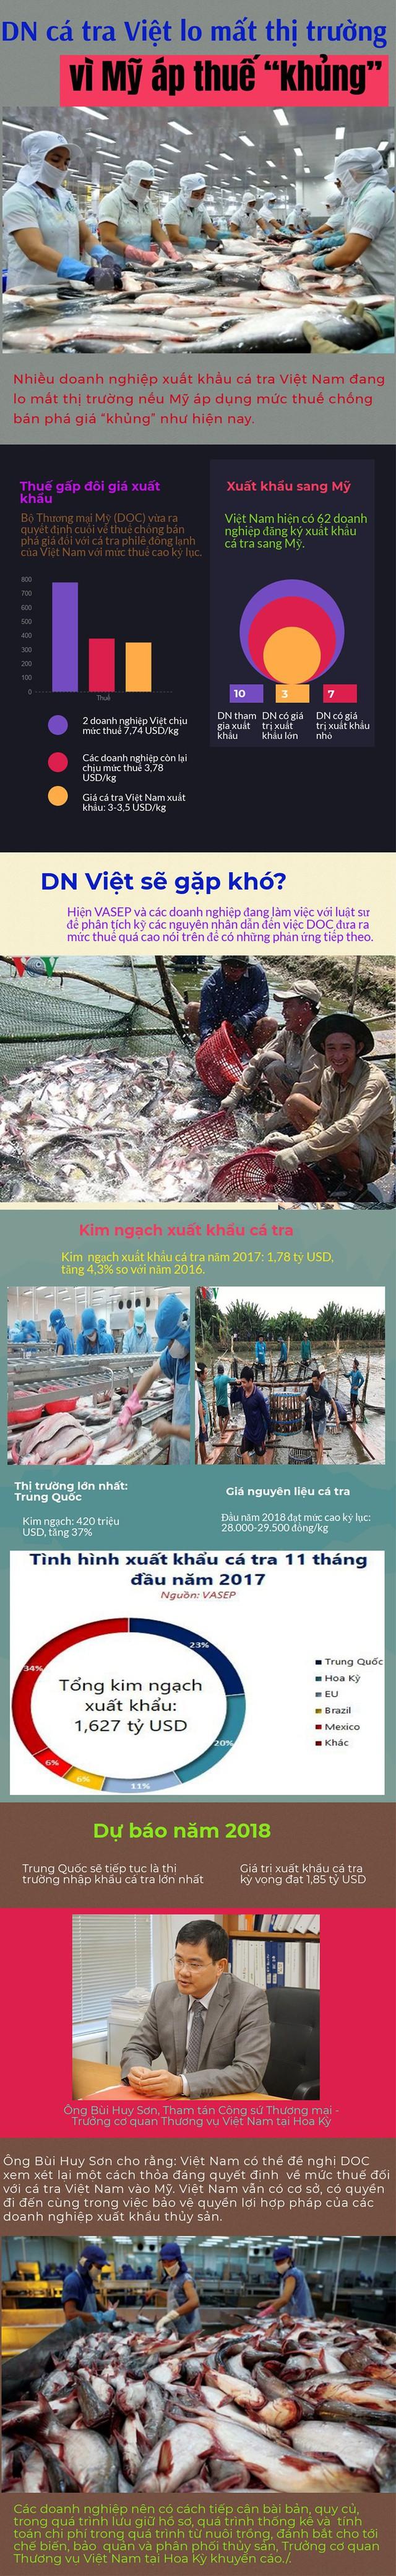 """Infographic: Mỹ áp thuế """"khủng"""", DN cá tra Việt lo mất thị trường - Ảnh 1."""